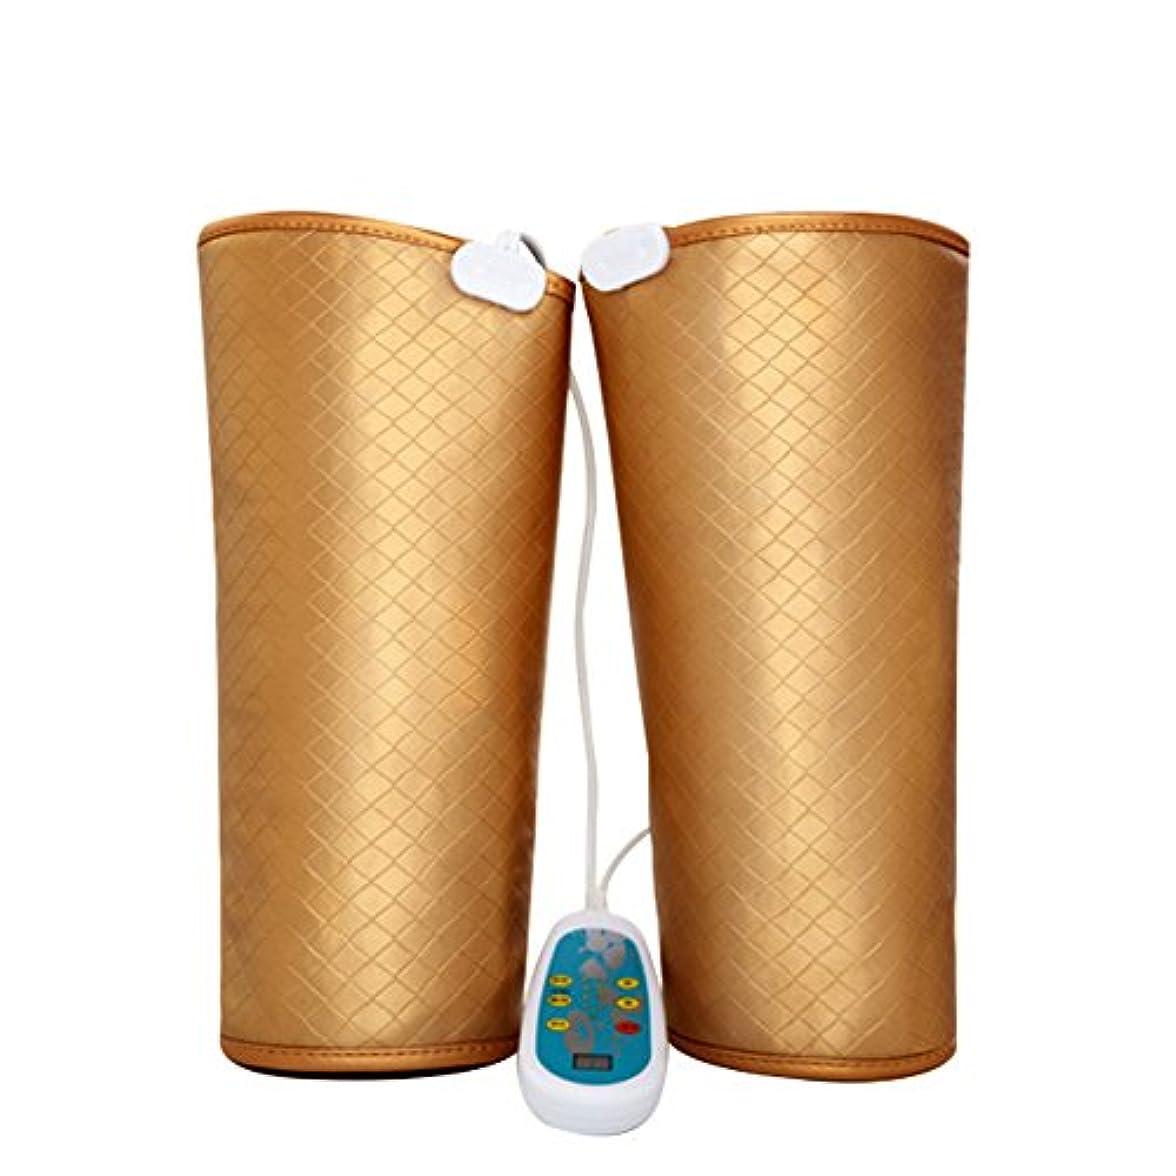 フィッティング通知する連続的電気マッサージ、膝の保温、男女通用、マッサージ機、膝と足を加熱してマッサージします